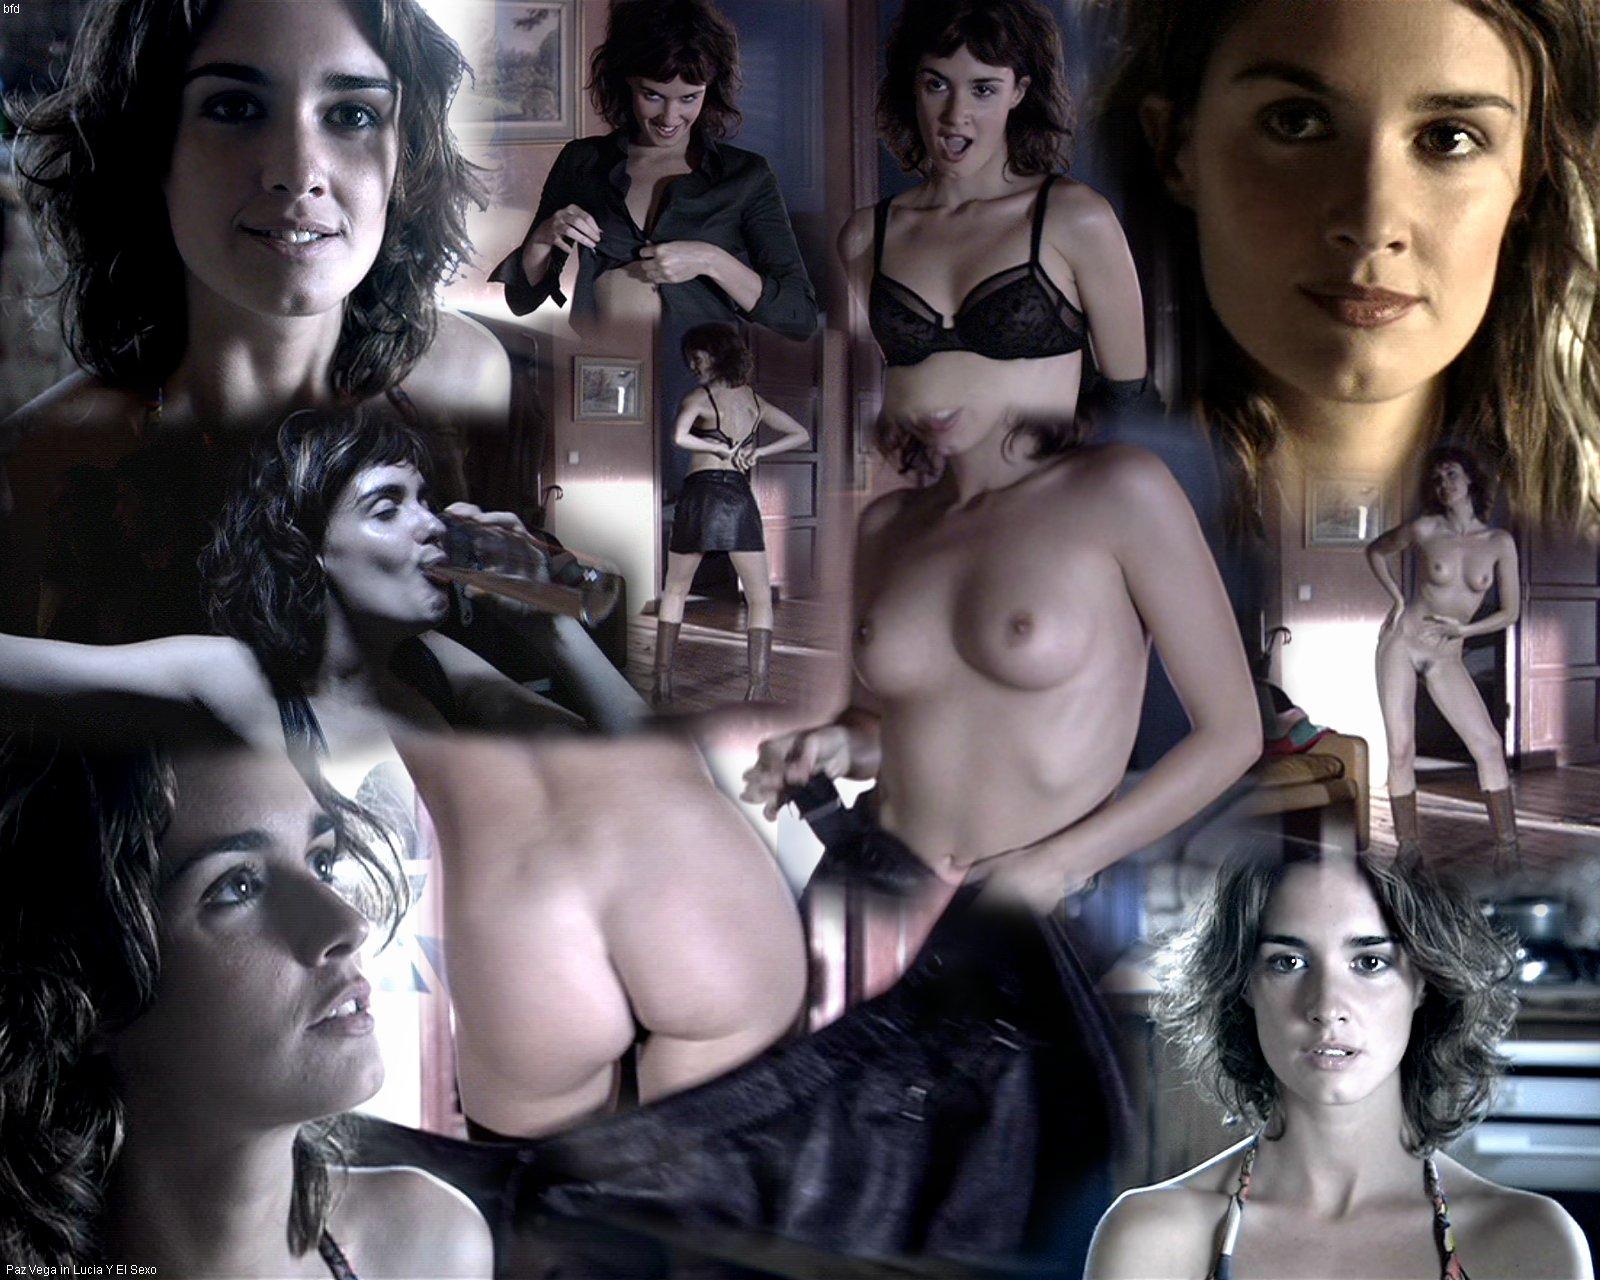 Shannan leigh hot sex